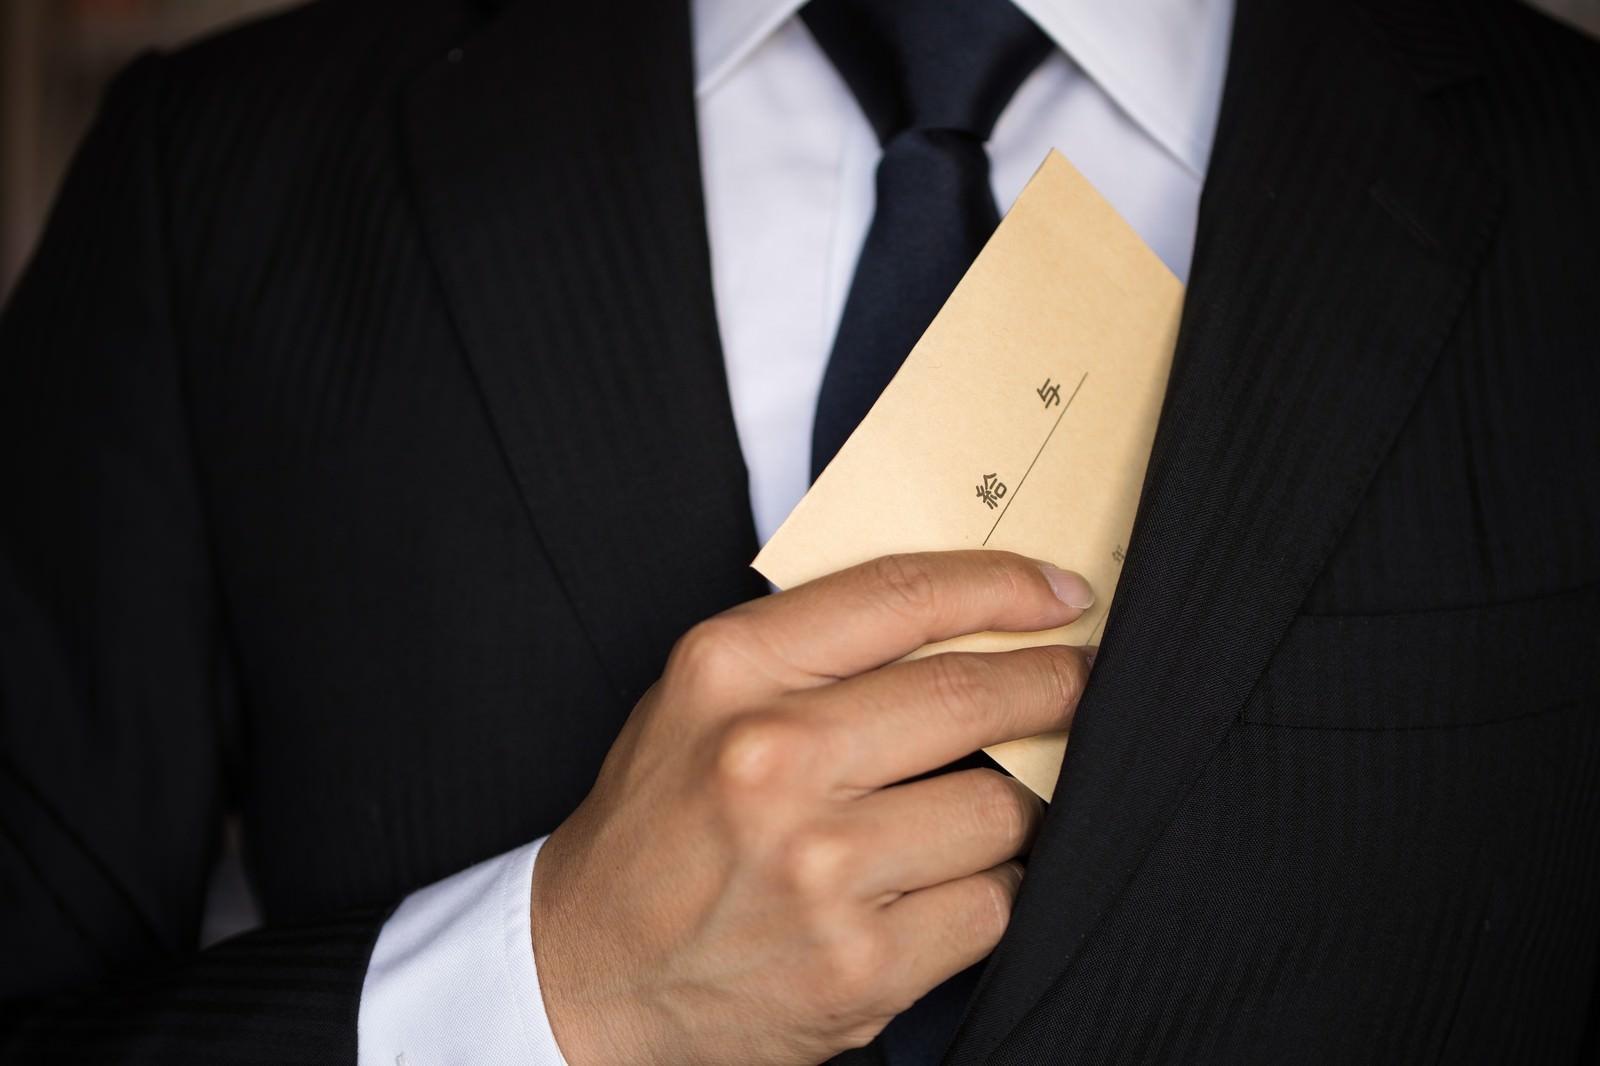 給与を内ポケットにしまうビジネスマン